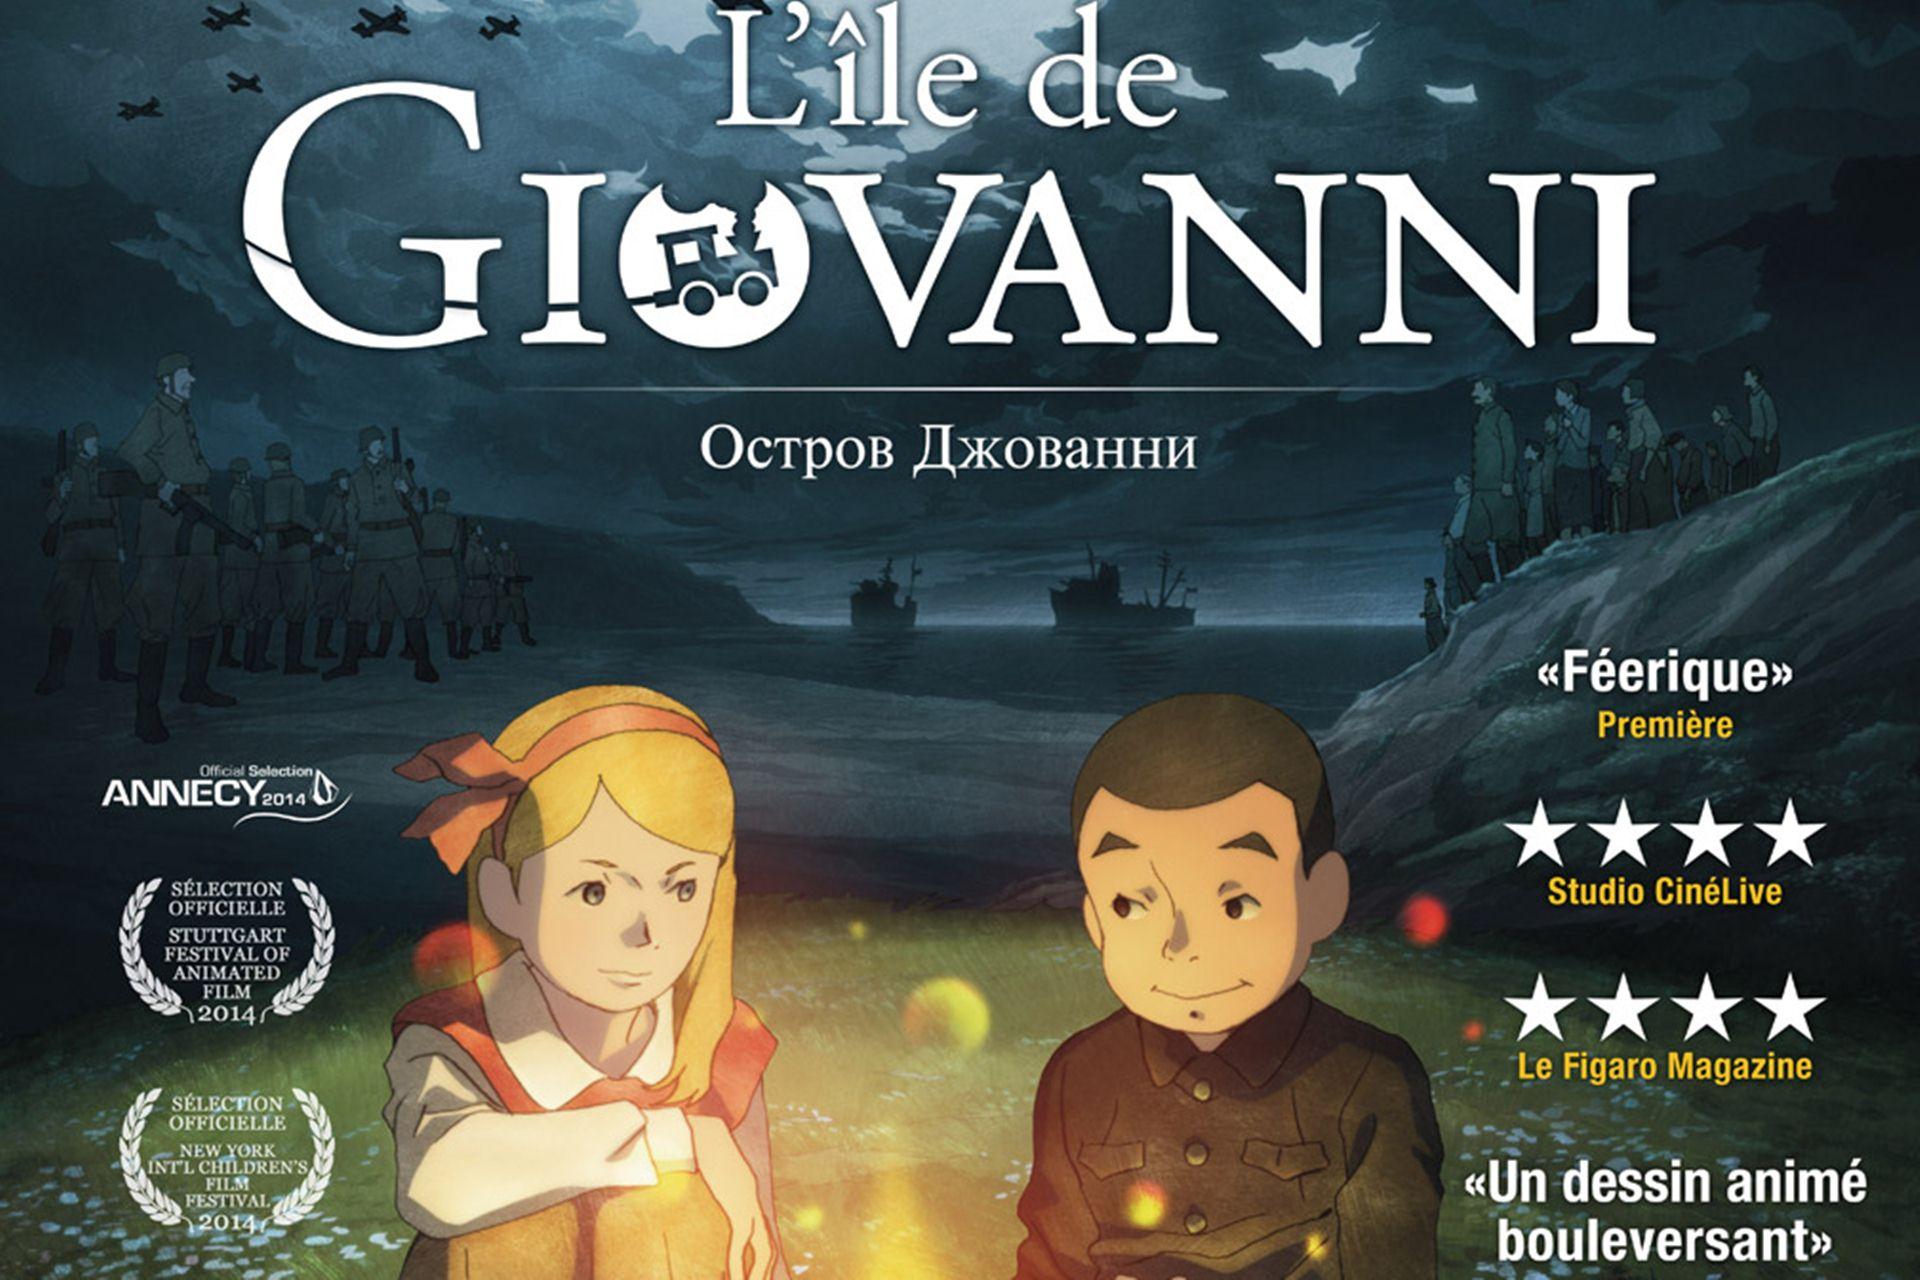 Hòn Đảo Của Giovanni